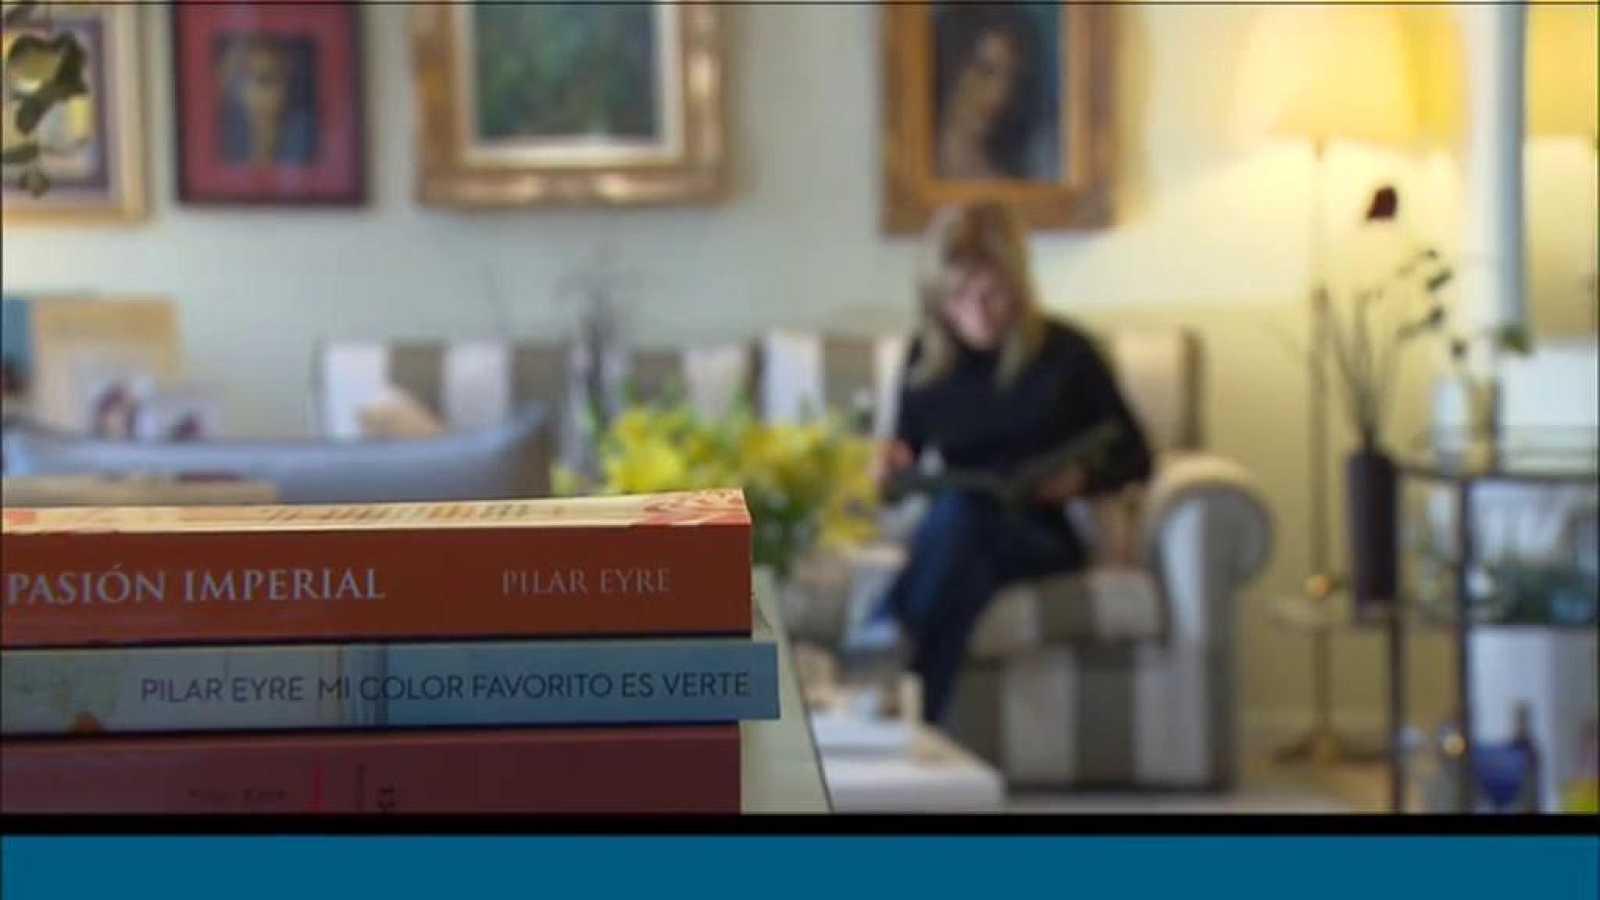 L'escriptora i periodista Pilar Eyre llegint al sofà de casa seva